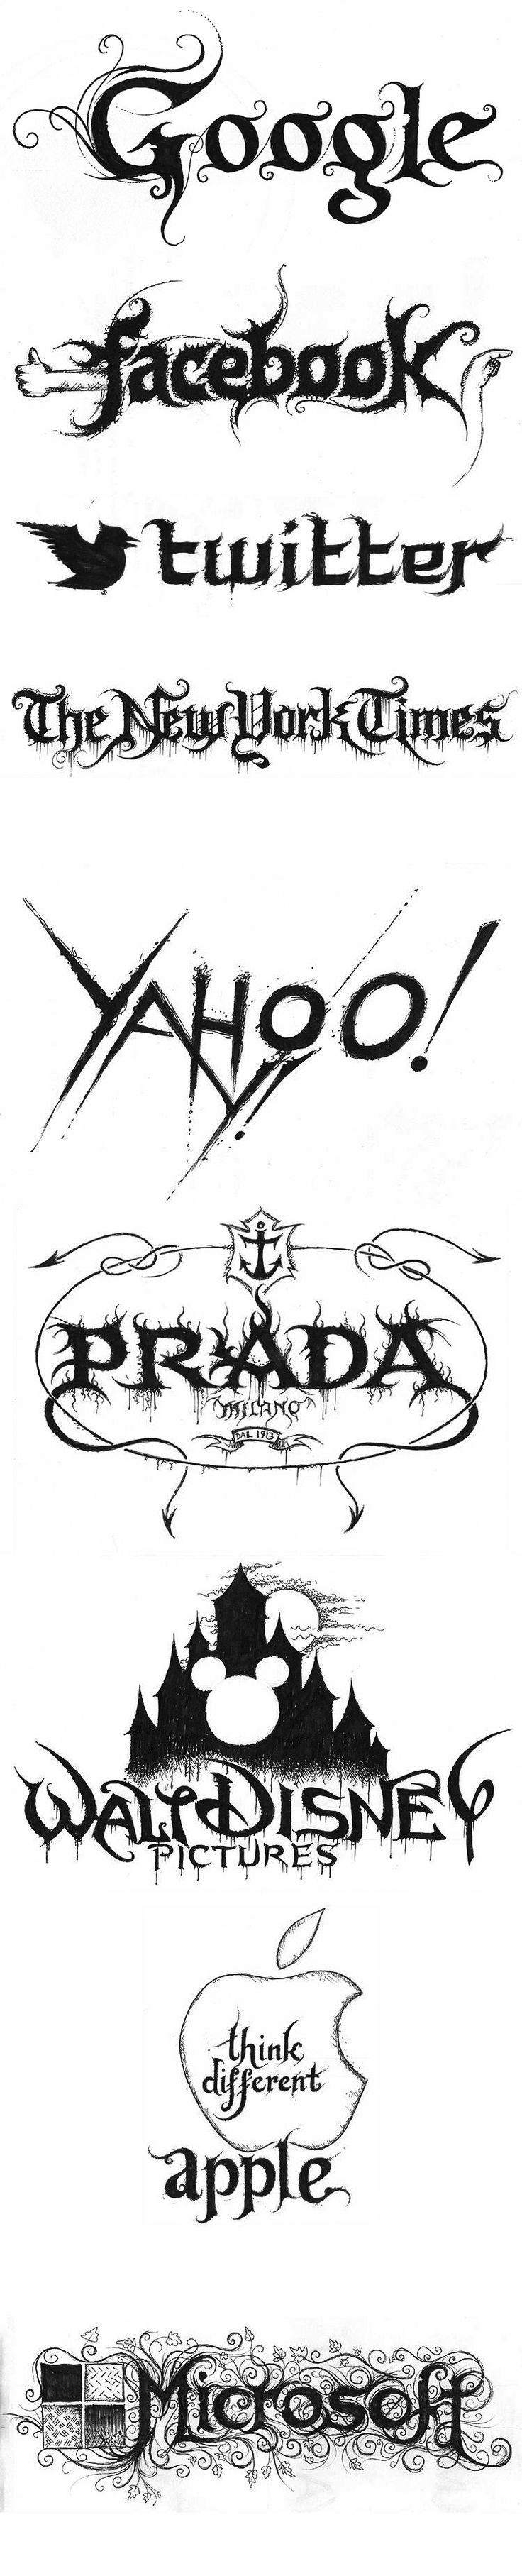 Logos de empresas famosas como bandas de heavy metal. Logos por Christophe Szpadjel.